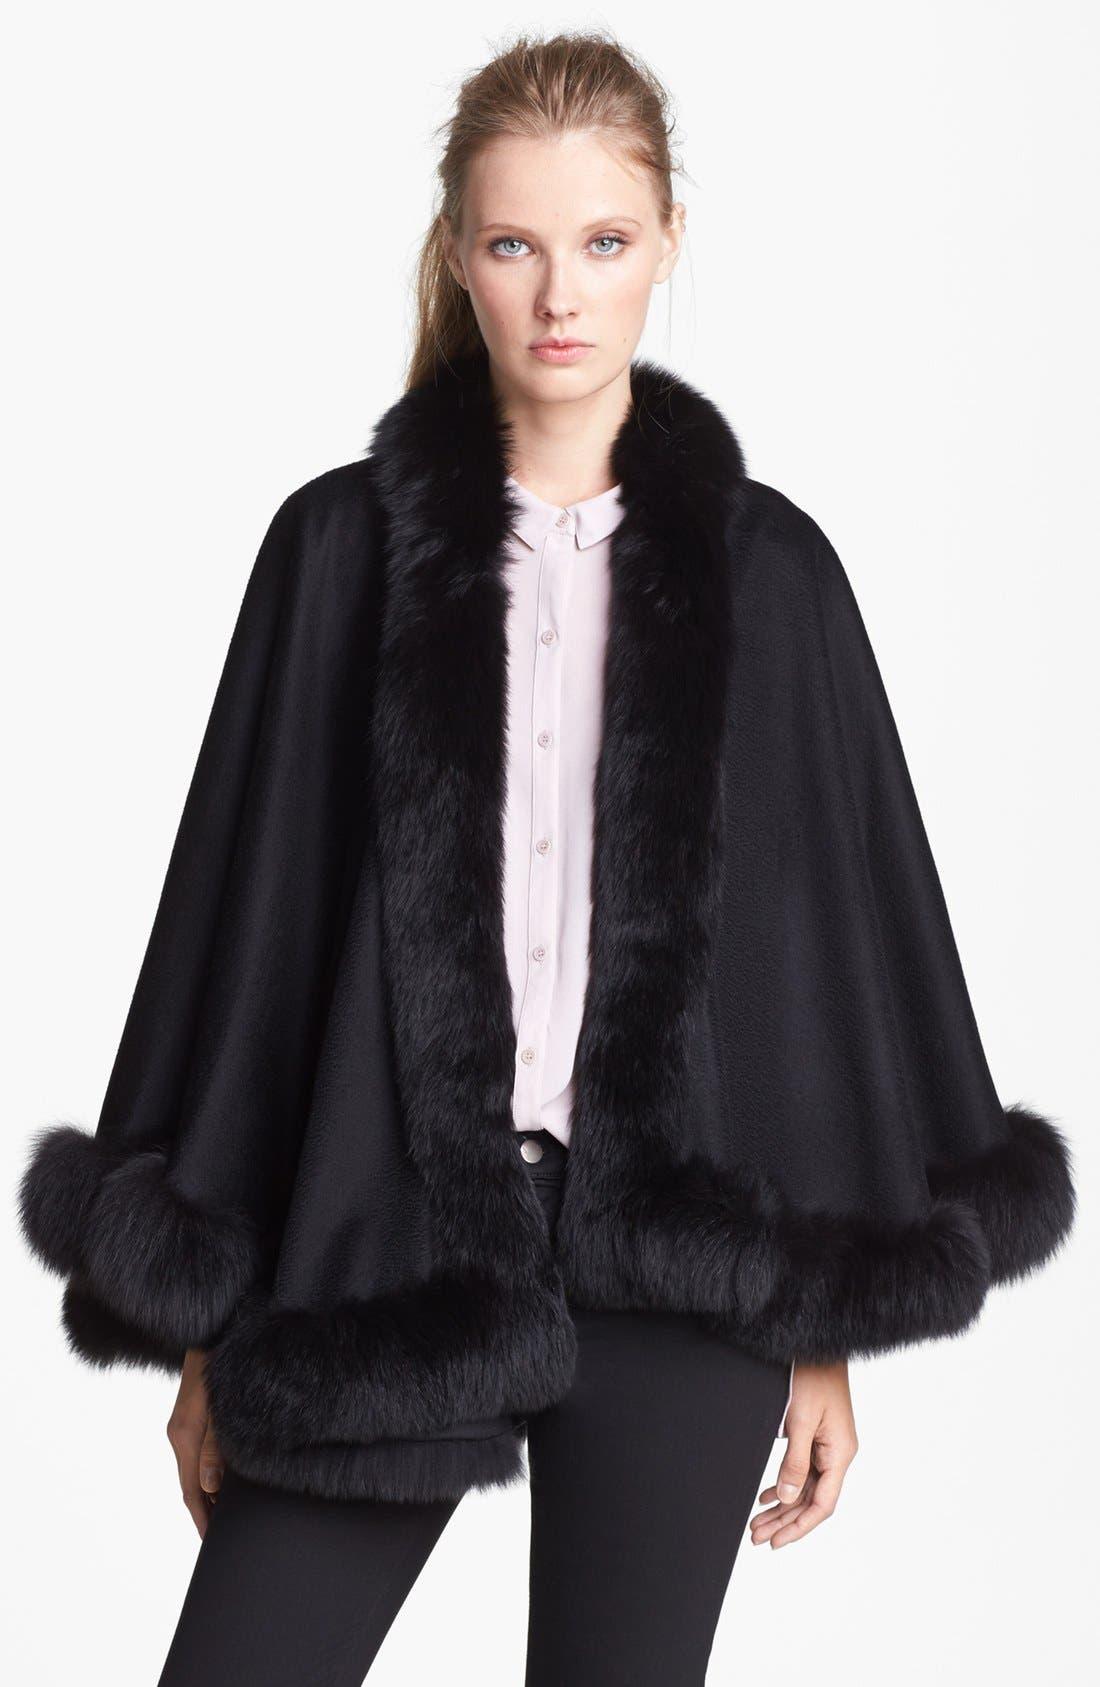 Alternate Image 1 Selected - Sofia Cashmere Genuine Fox Fur Trim Short Cashmere Cape